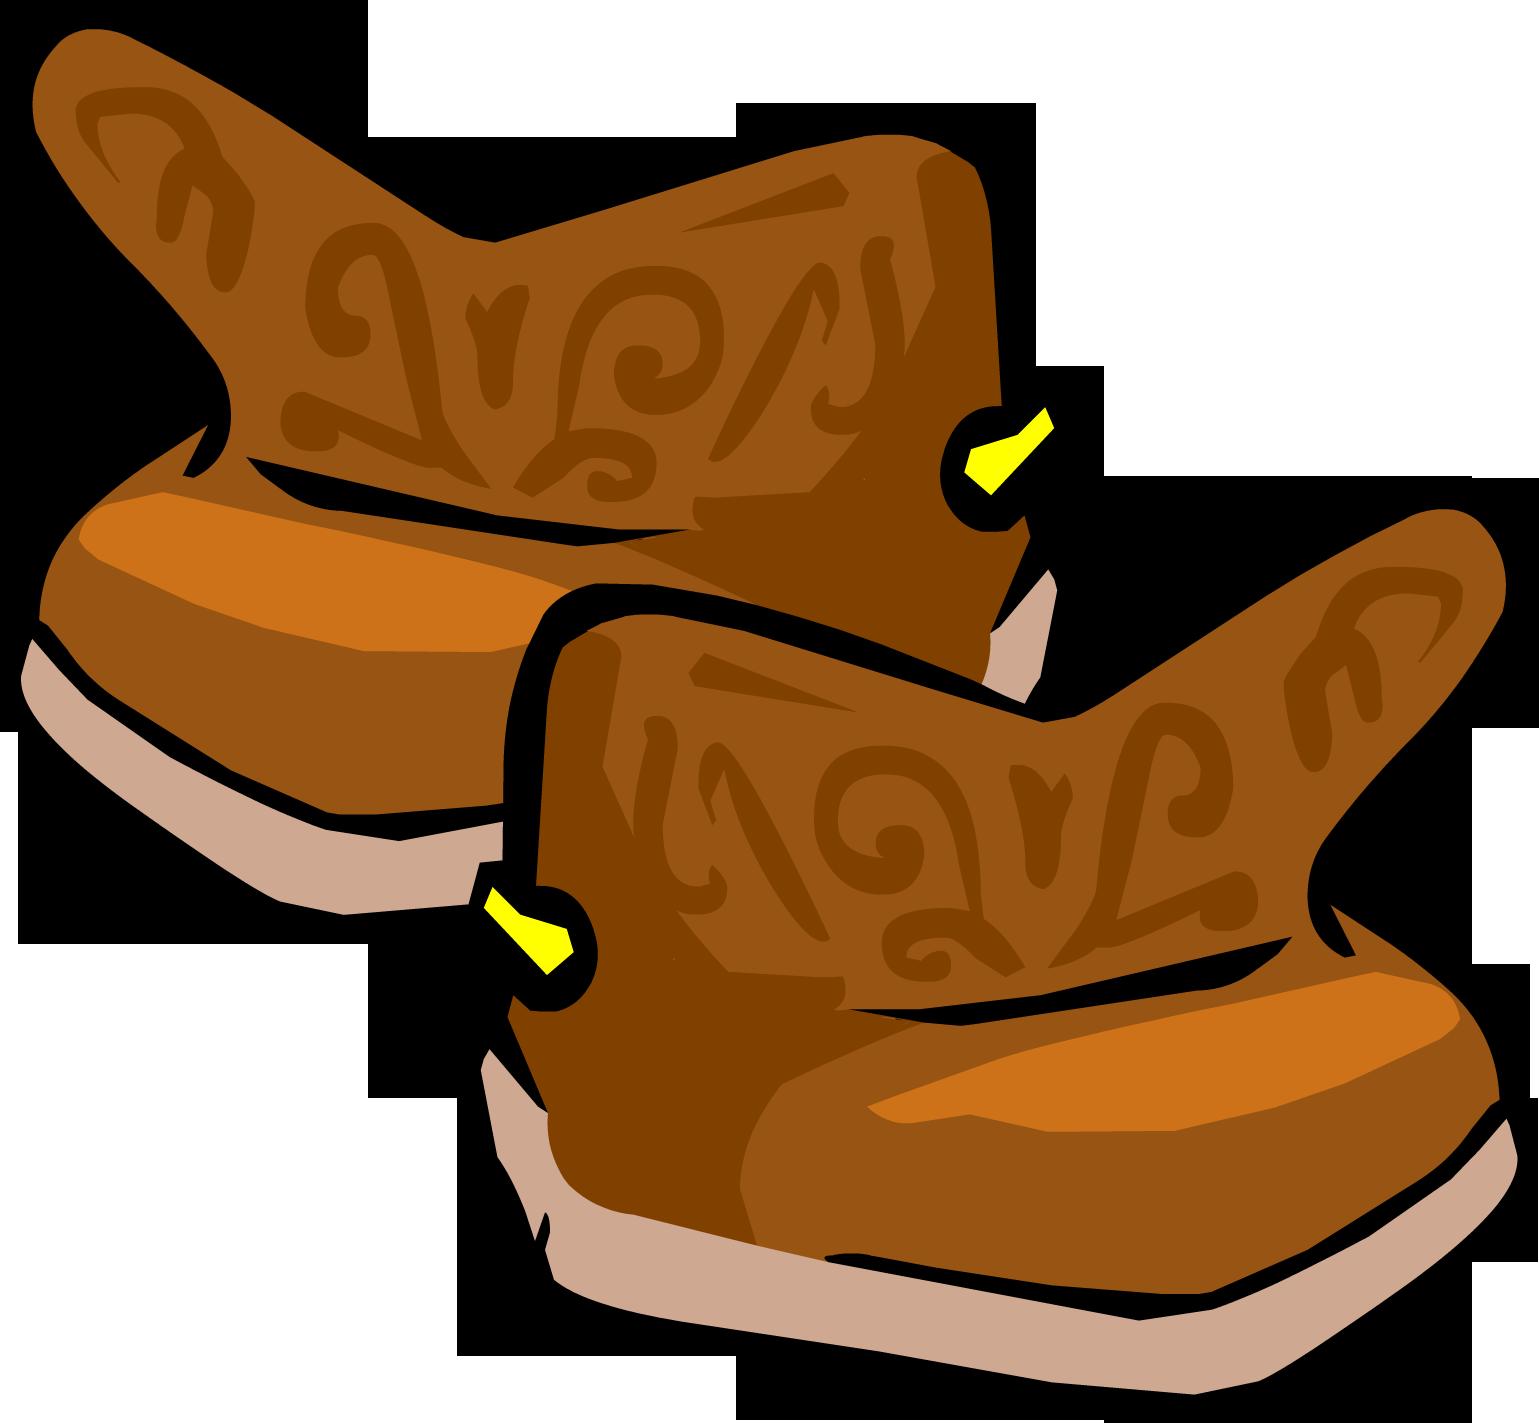 Cowboy clipart cowboy vest. Boots club penguin wiki